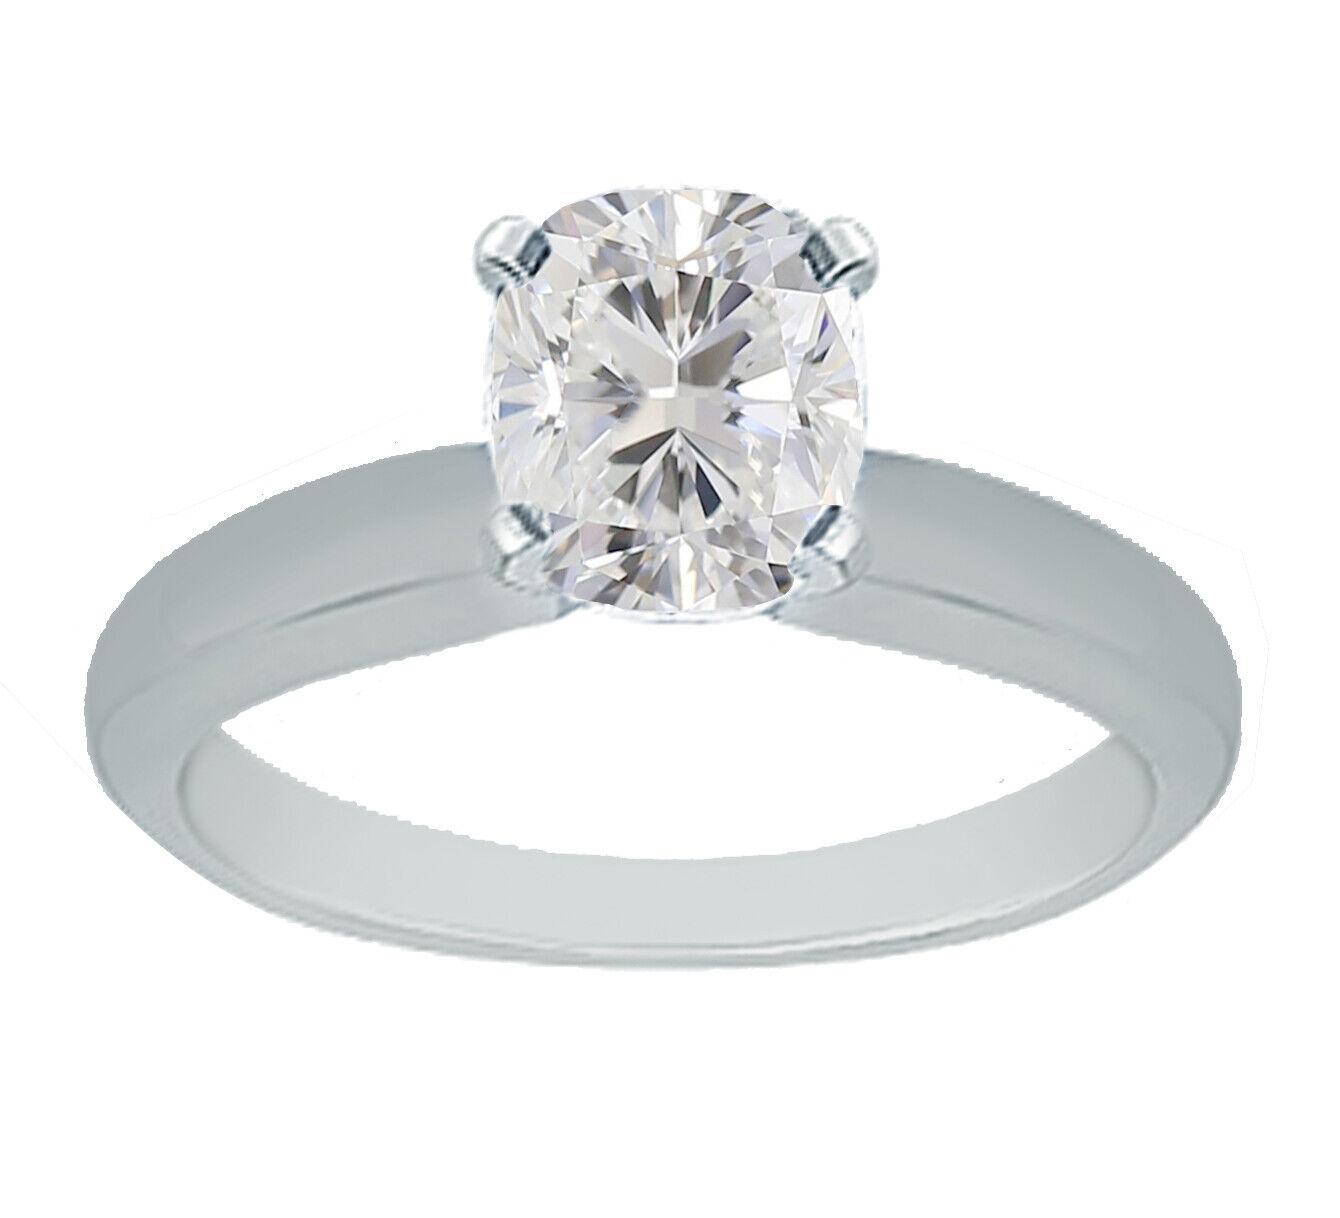 GIA Certified Diamond Engagement Ring 14k White Gold 0.70 carat Natural Cushion